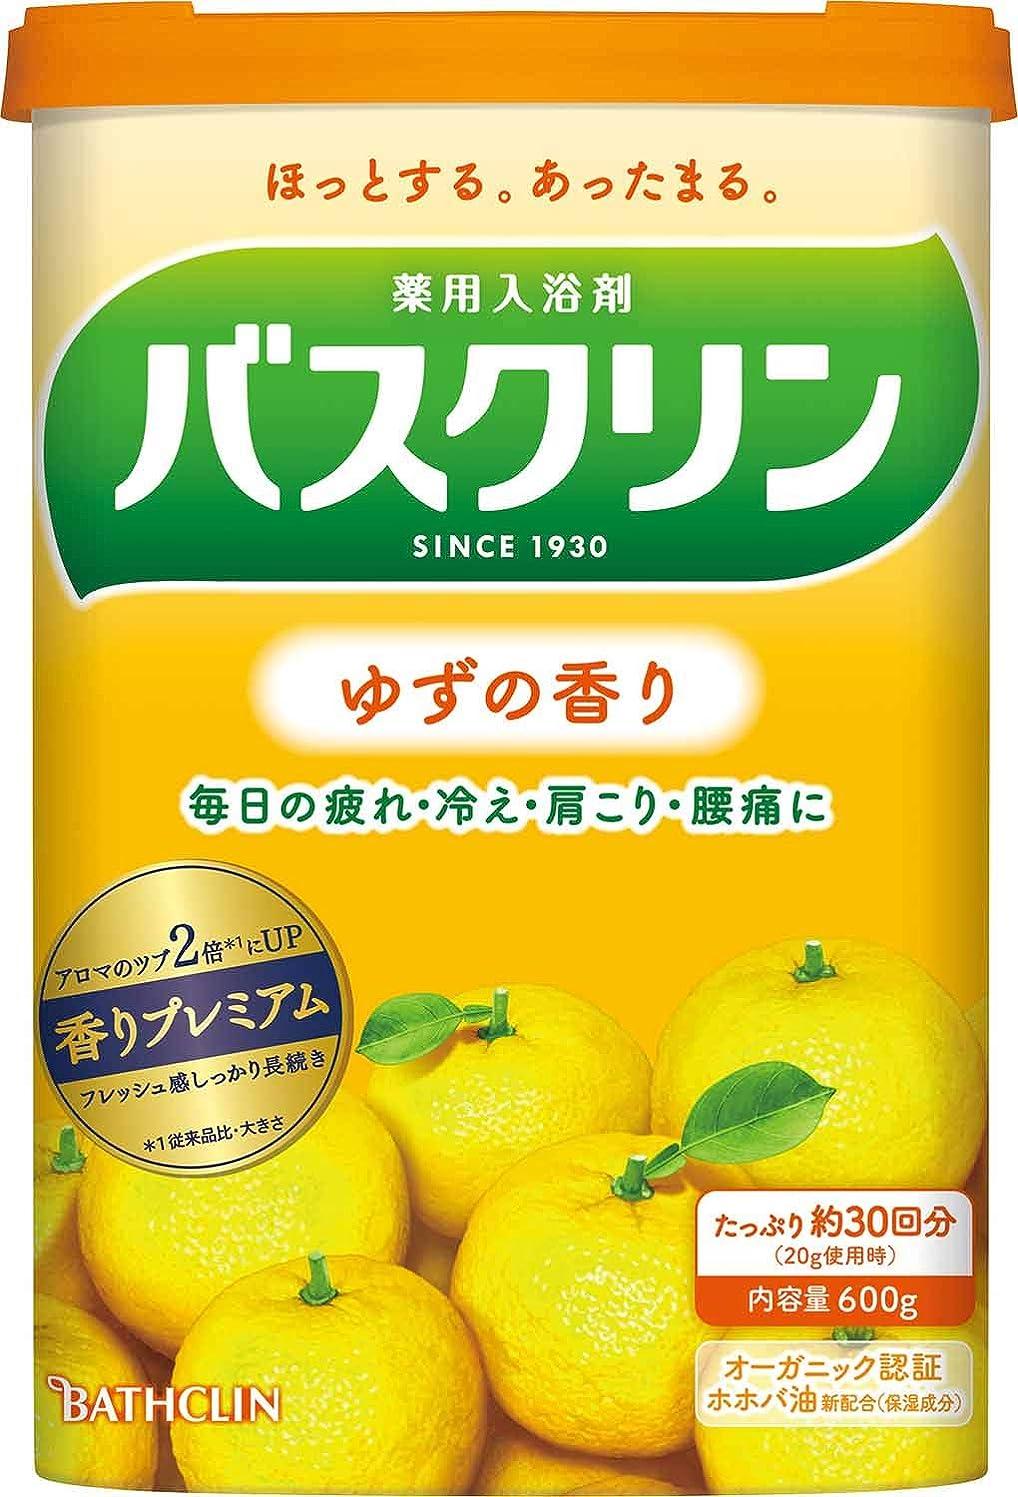 文房具タフレコーダー【医薬部外品】バスクリン入浴剤 ゆずの香り600g(約30回分) 疲労回復